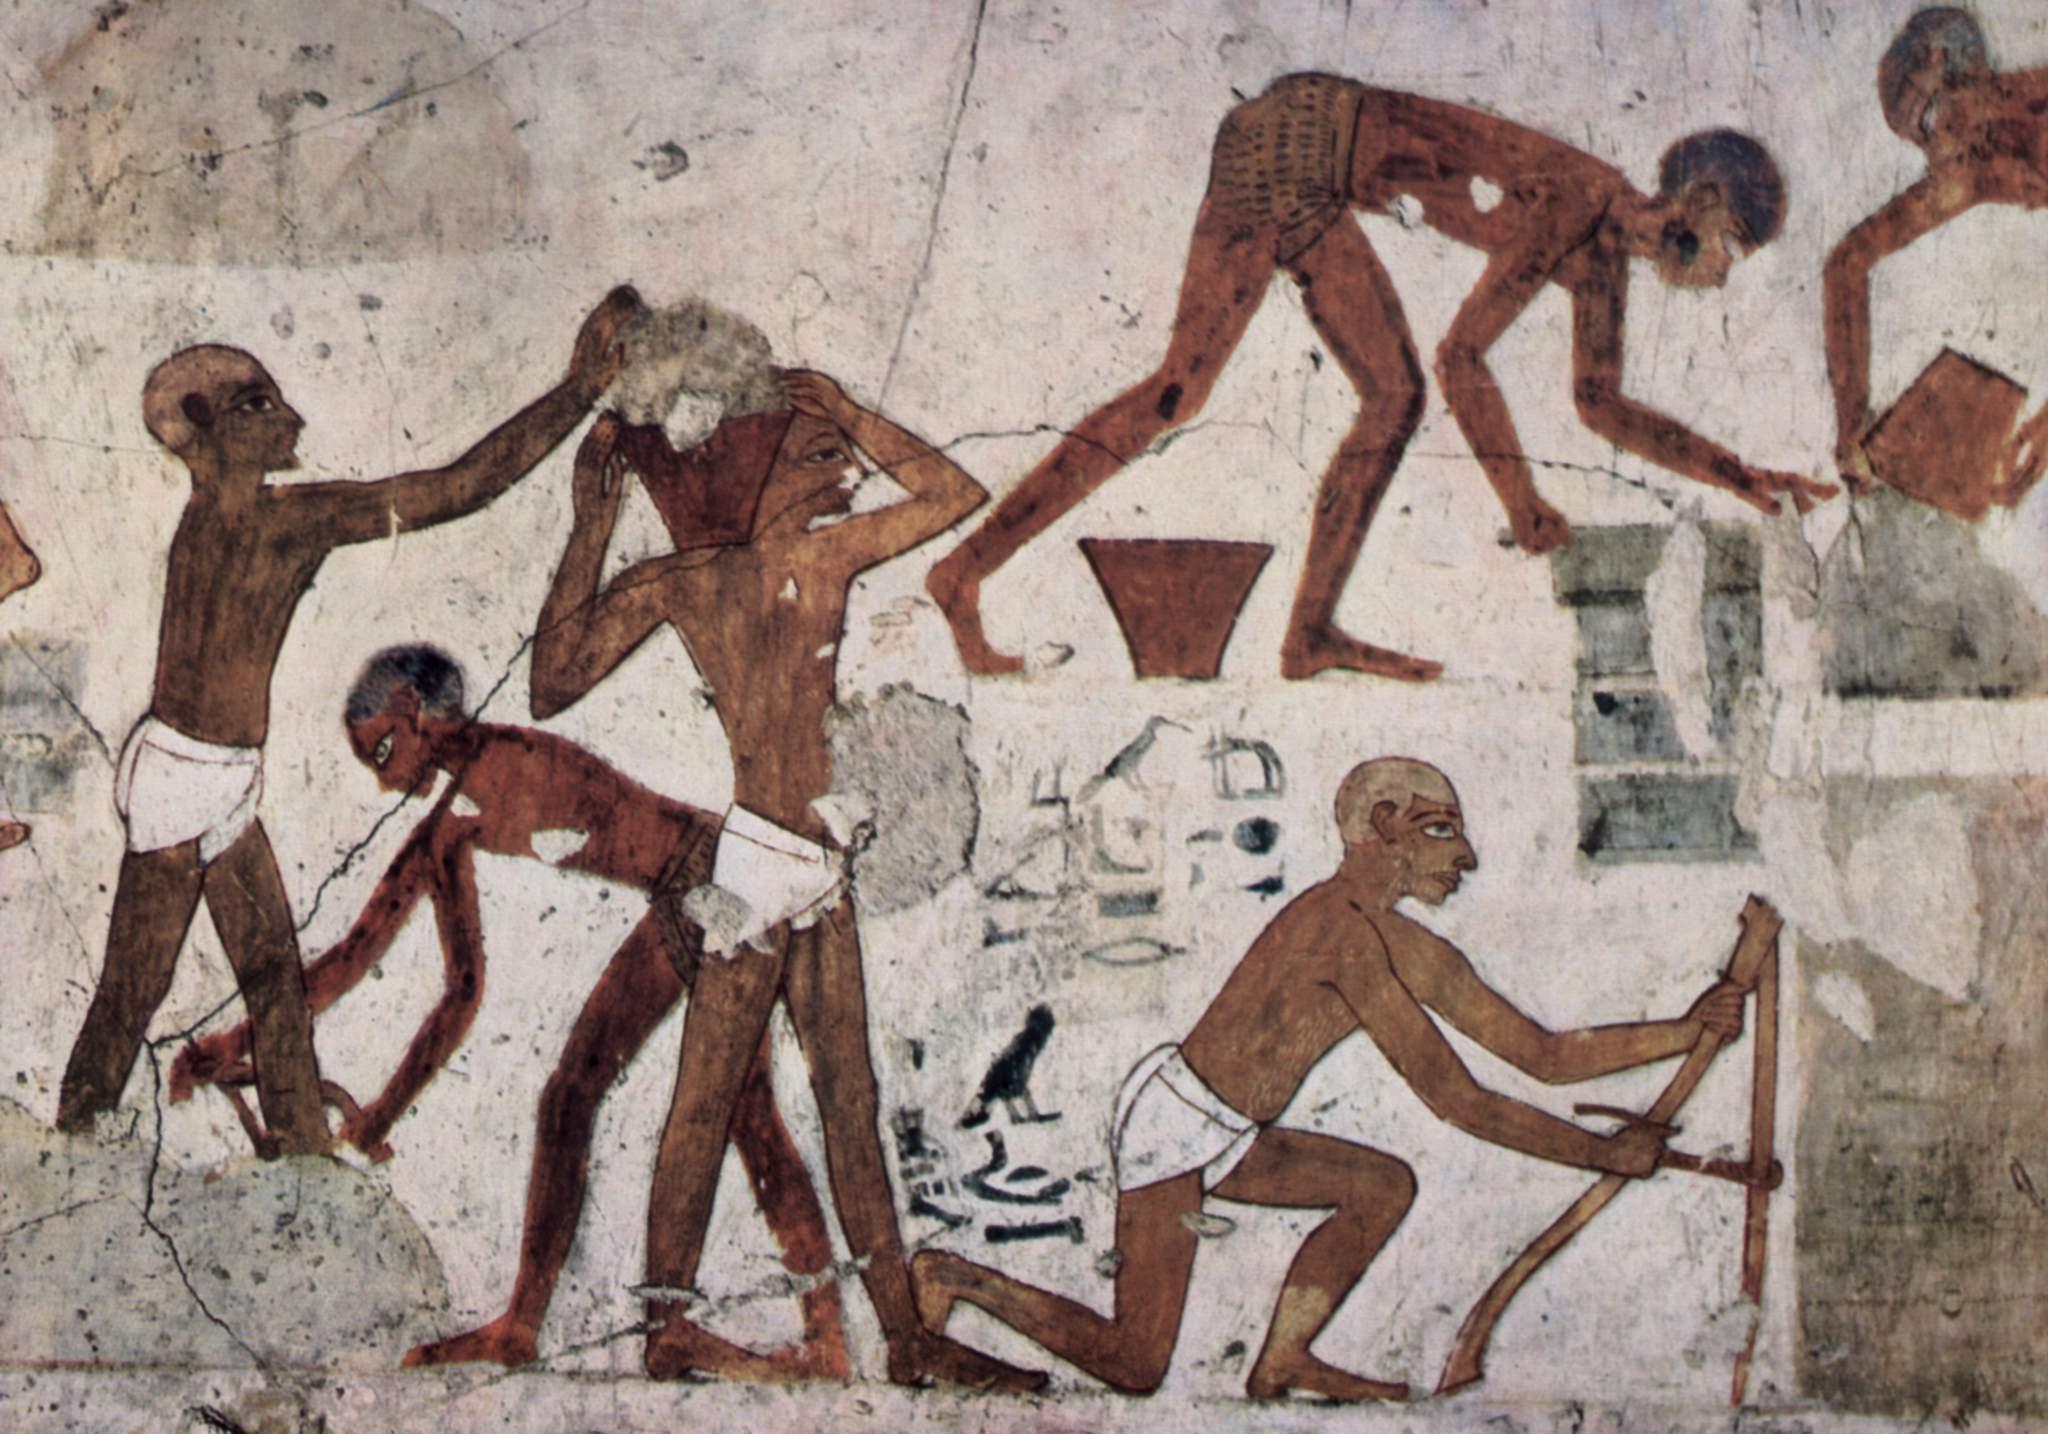 modos de produccion esclavista yahoo dating